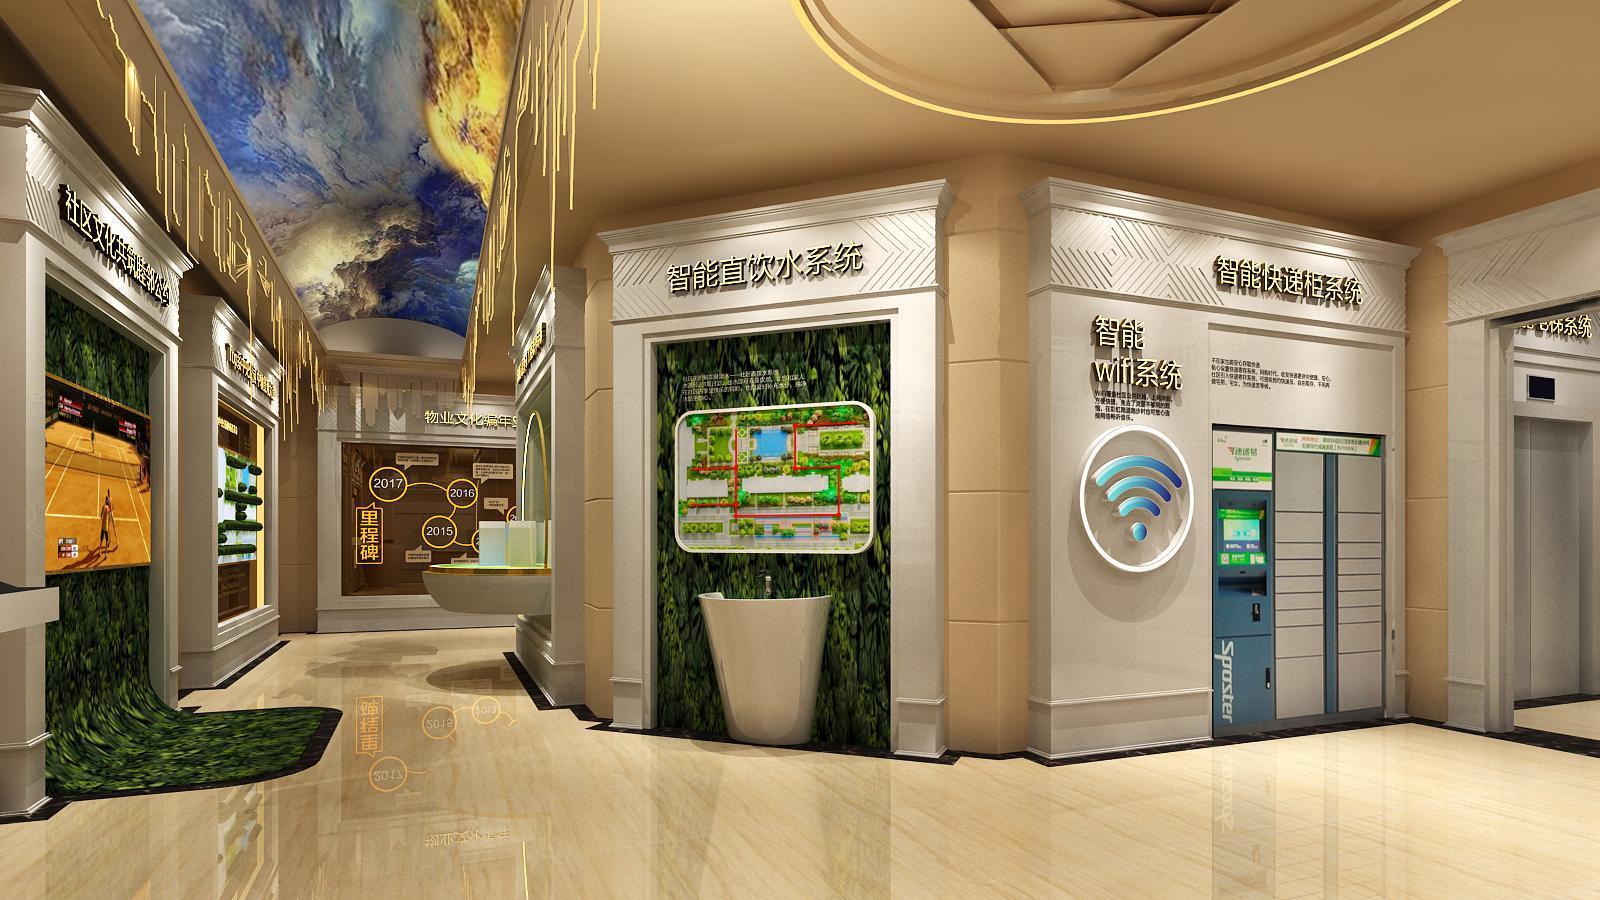 碧桂园新城体验馆设计方案之墙面造型设计3